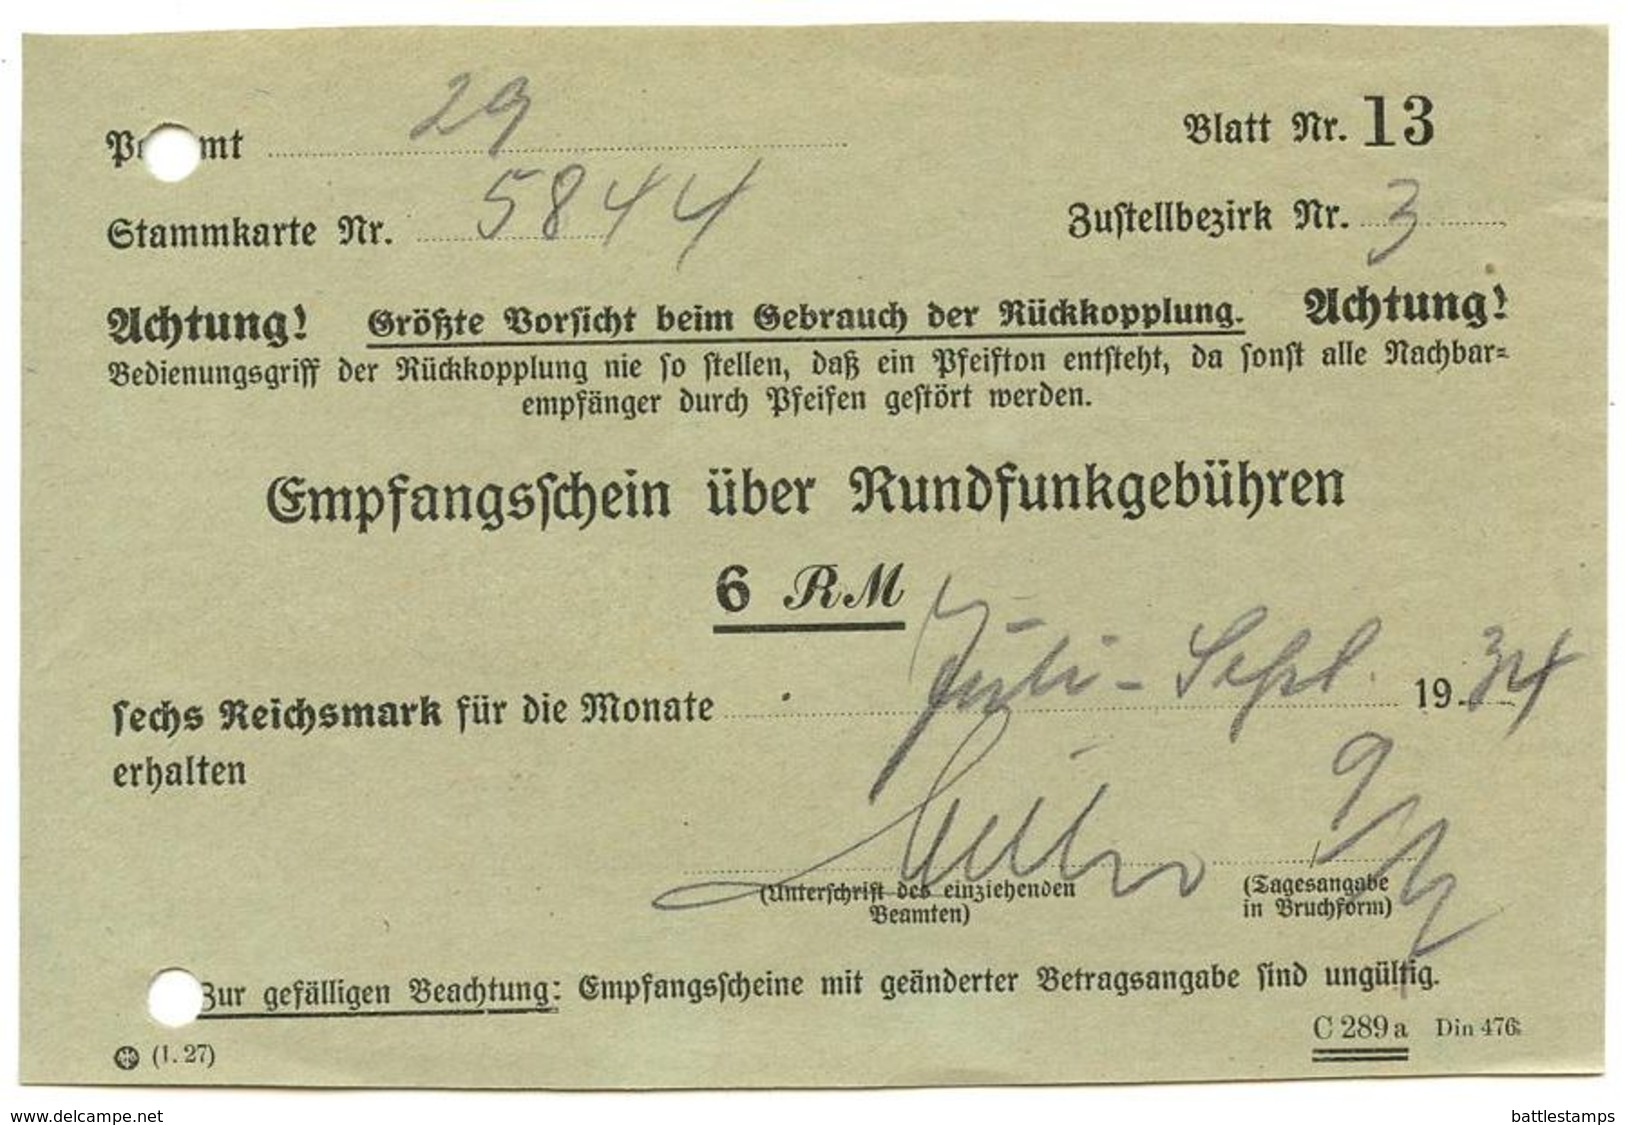 Germany 1934 Empfangsschein über Rundfunkgebühren - Germany